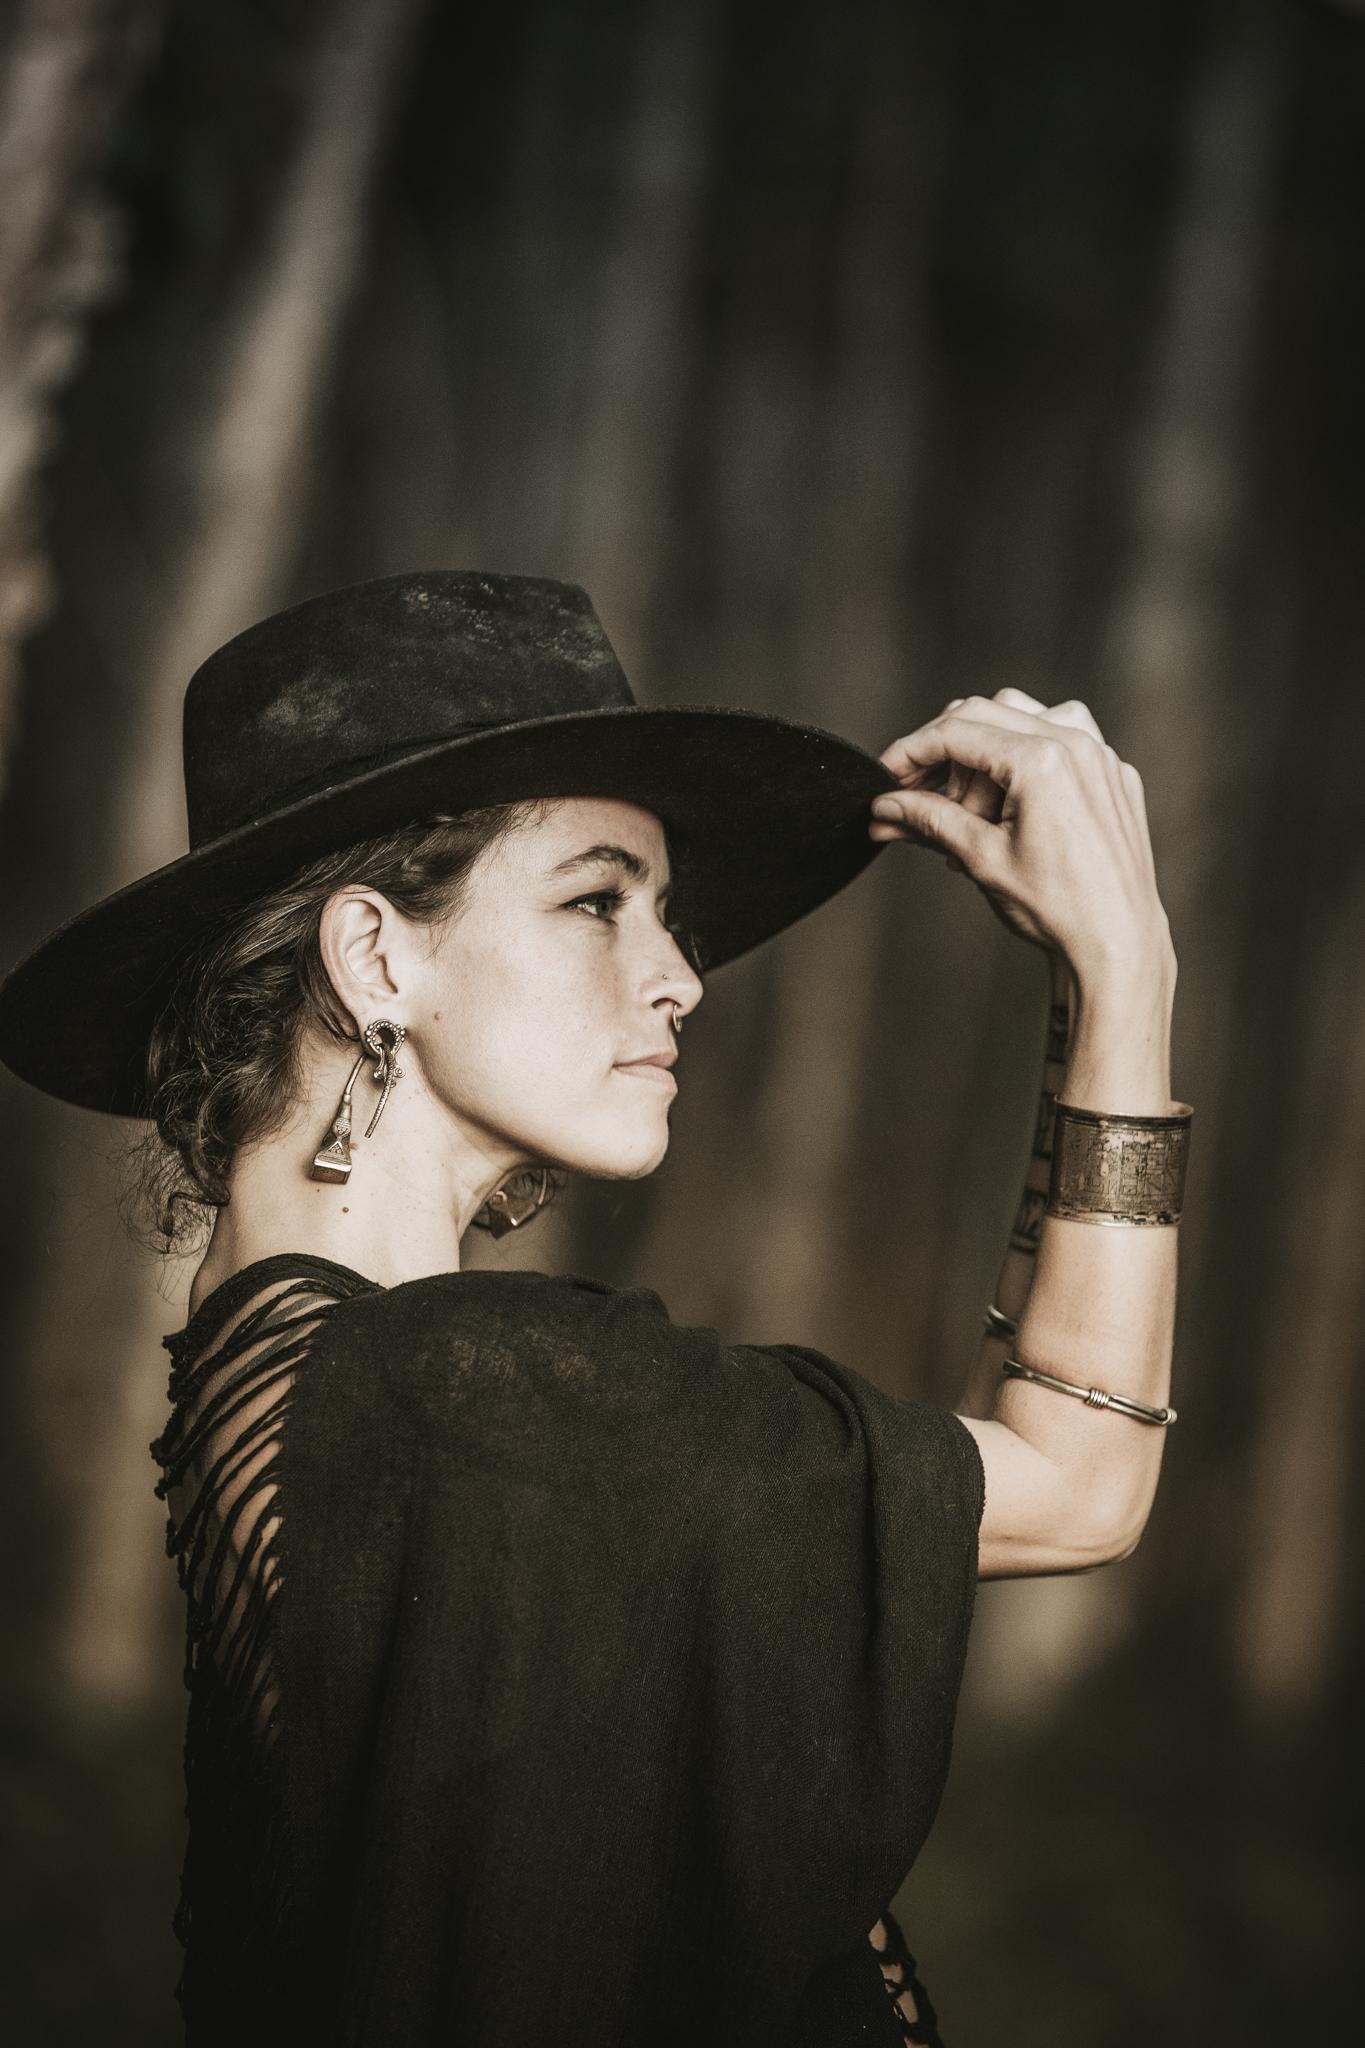 Leah Song Rising Appalachia